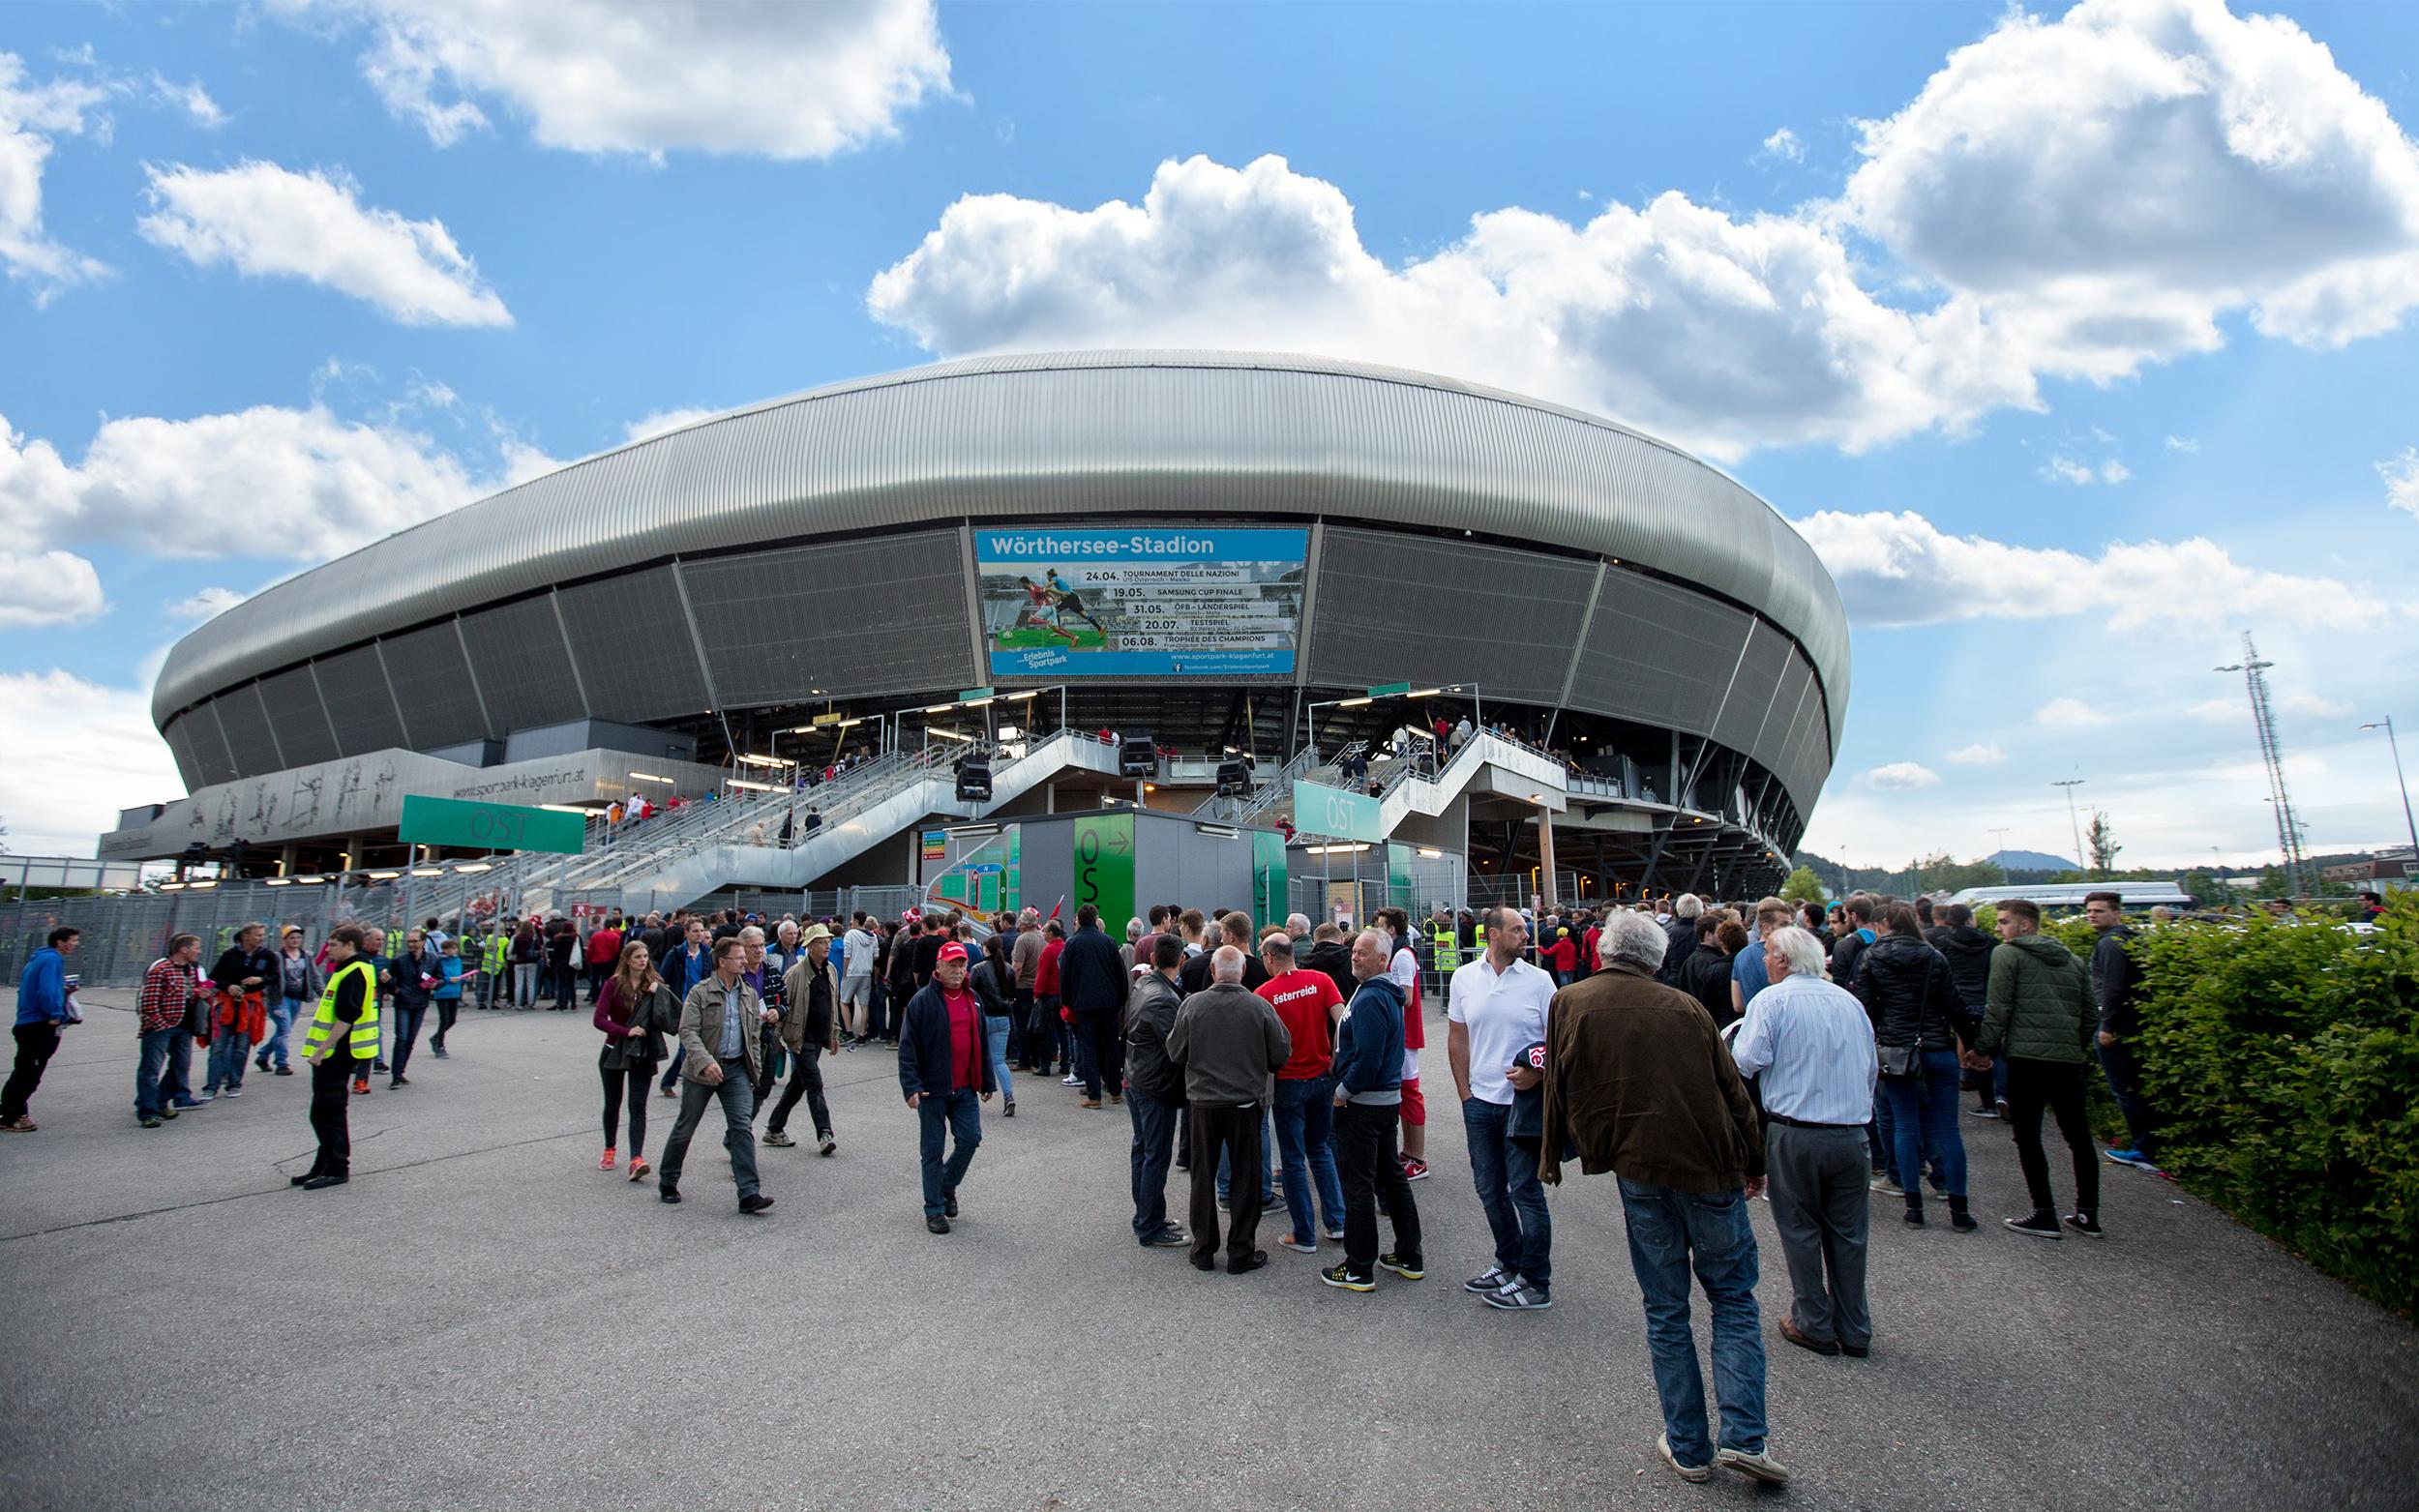 ... gegen Deutschland beim Länderspiel im Wörthersee-Stadion an! Einlass  ist um 16 00 Uhr - durch die Sicherheitskontrollen kann es etwas länger  dauern 3fb22ab261